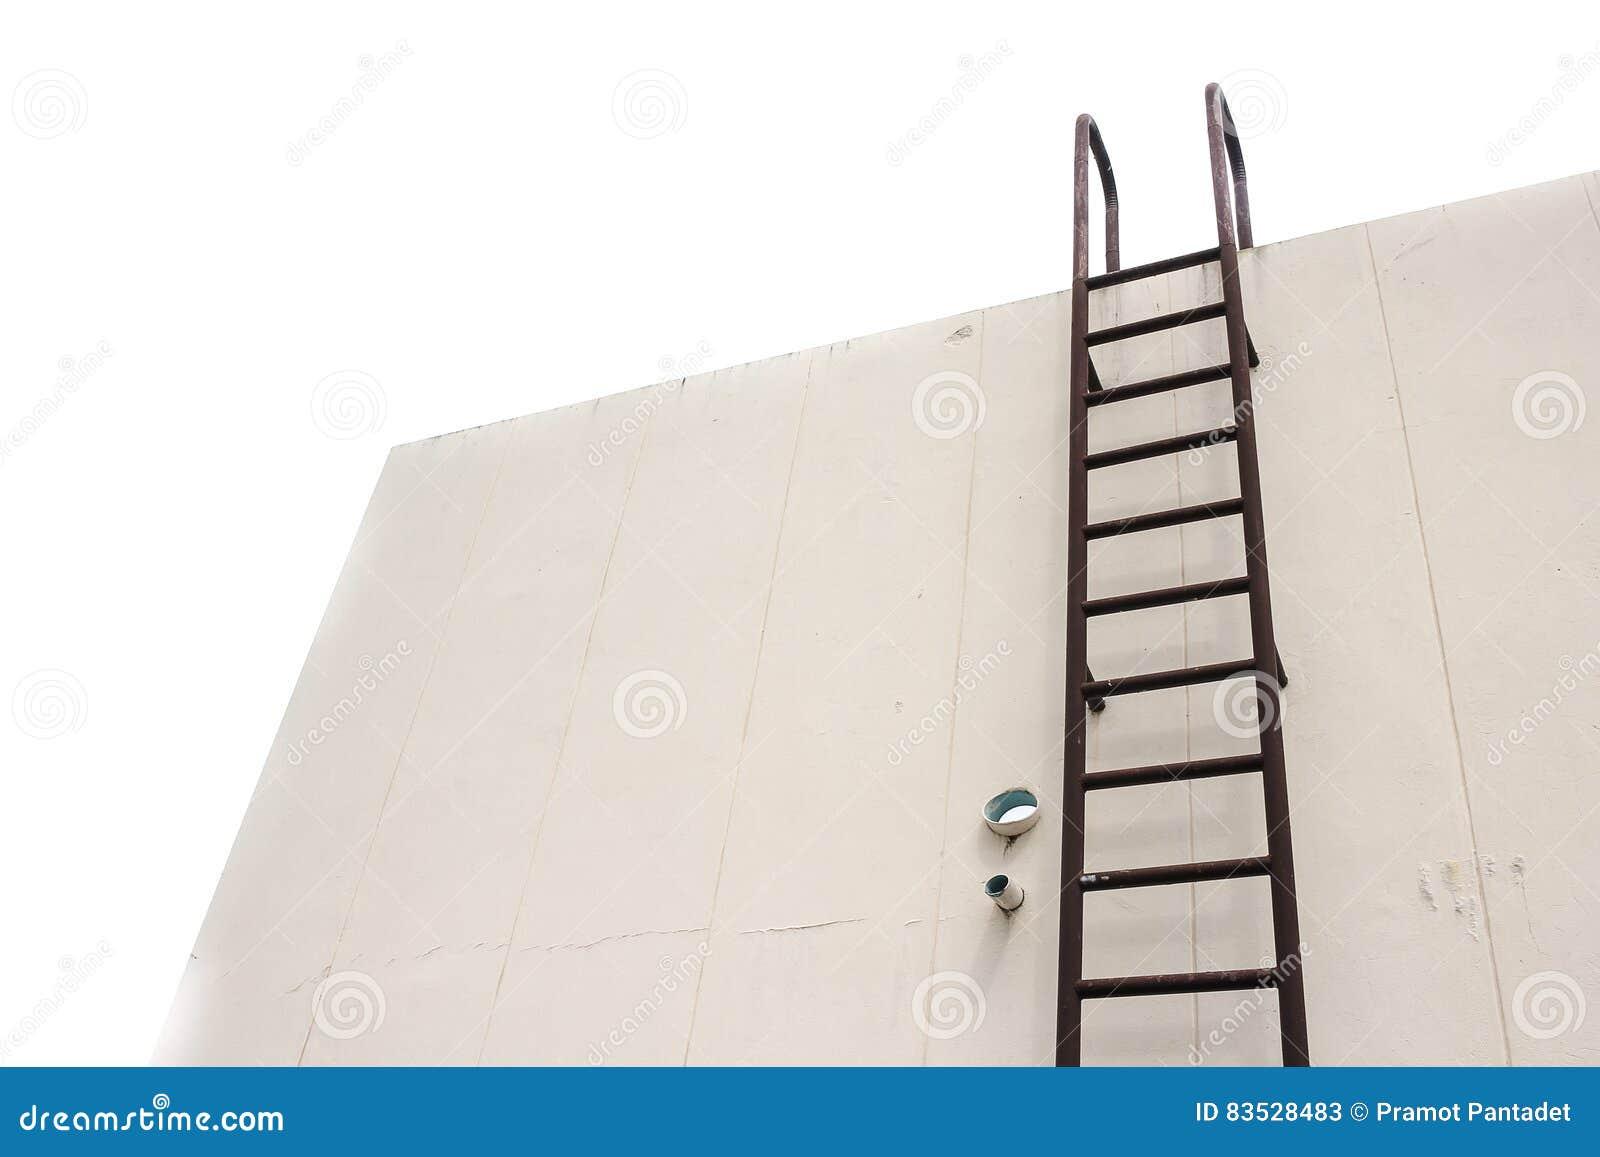 Stair Metal Old Vertical Industrial Rust   Stock Image